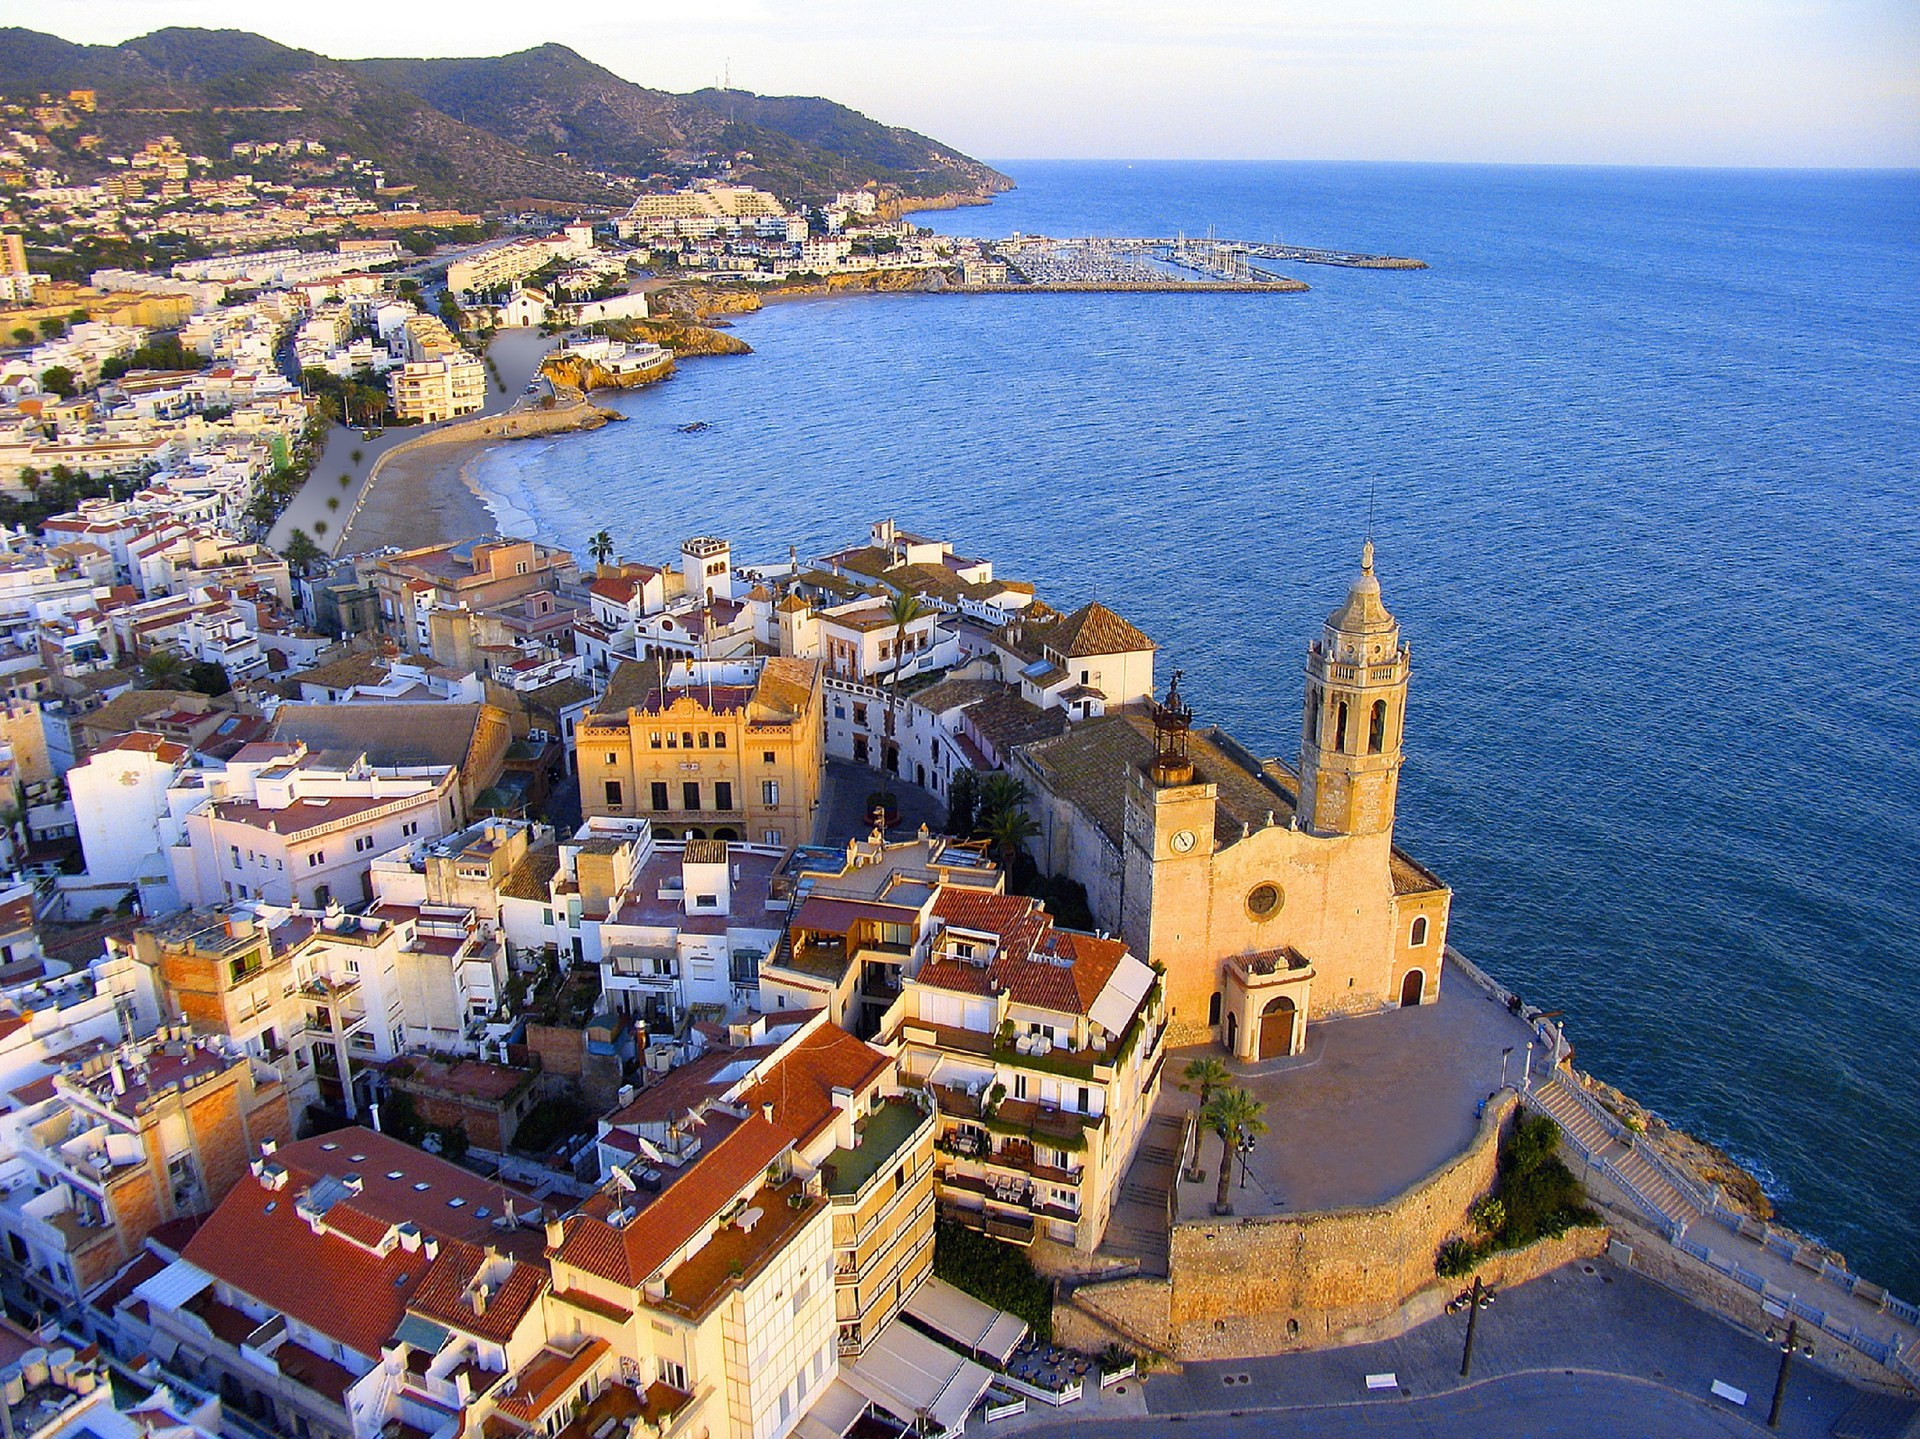 L'Oficina d'Informació Turística de Sitges incorpora millores en el servei al visitant